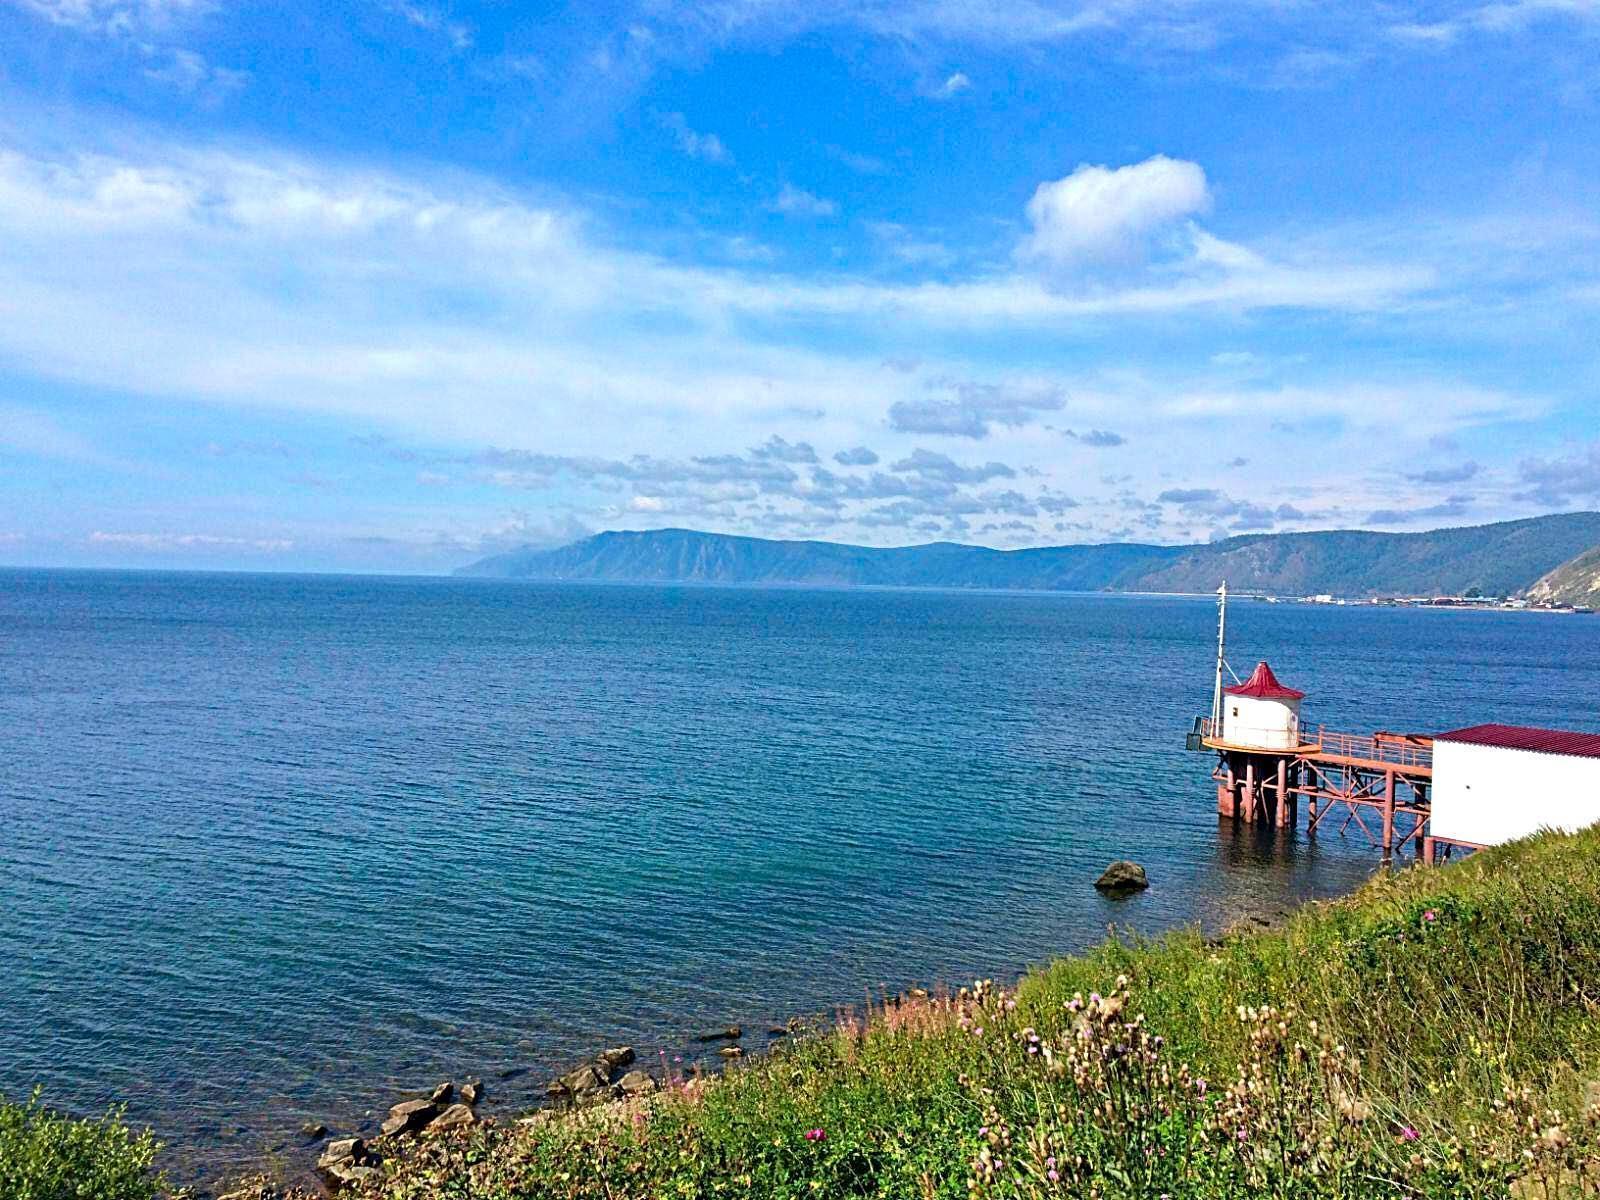 我們流連忘返在貝加爾湖畔圖片